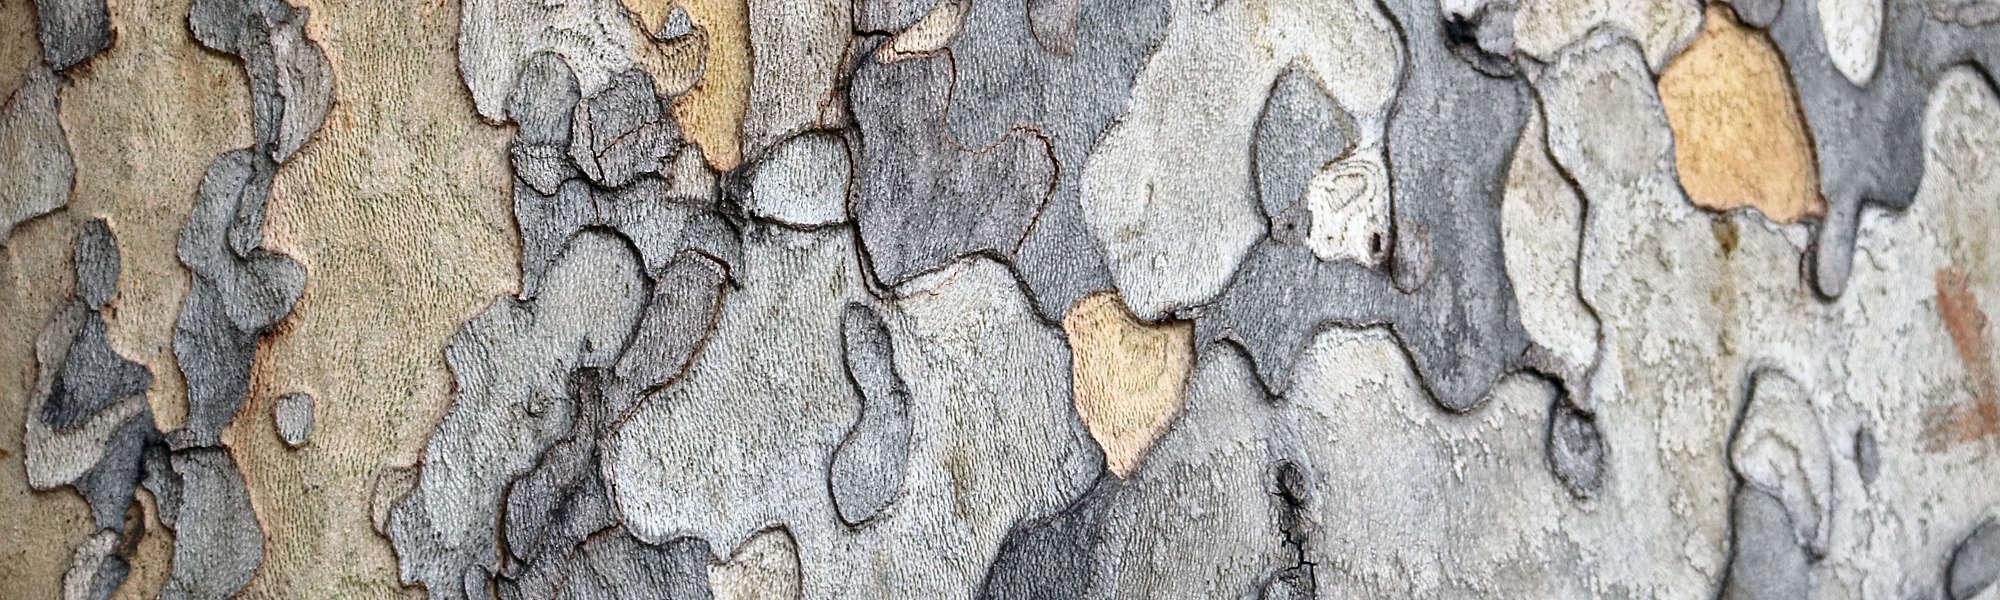 Tree bark trunk autumn